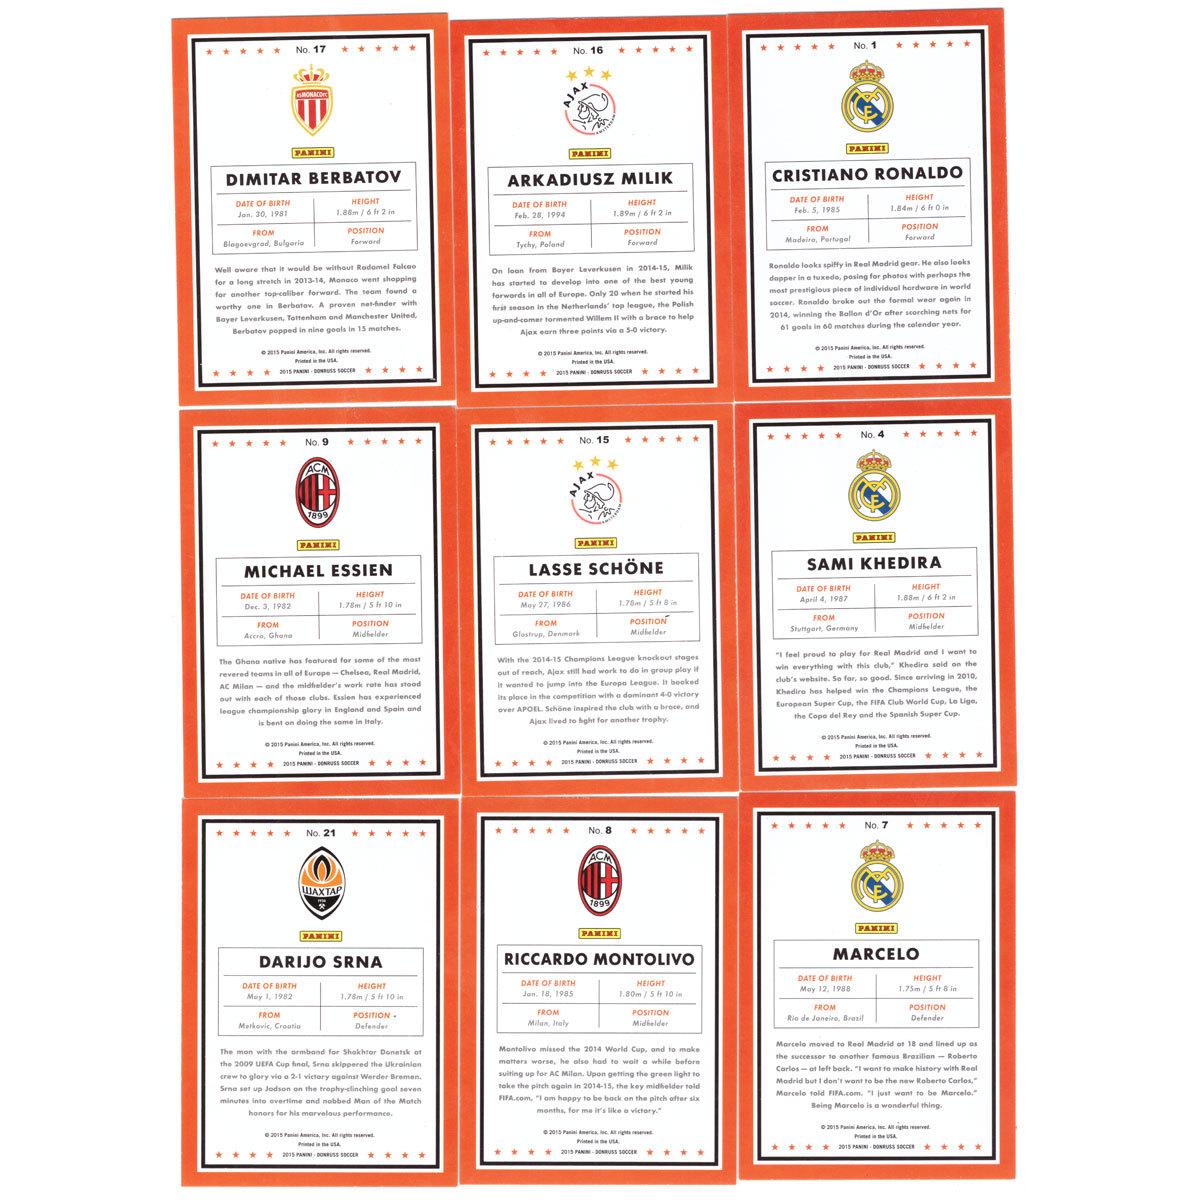 Спортивные карточки. Футбол. Полный базовый сет 100 шт. PANINI Donruss Soccer 2015.